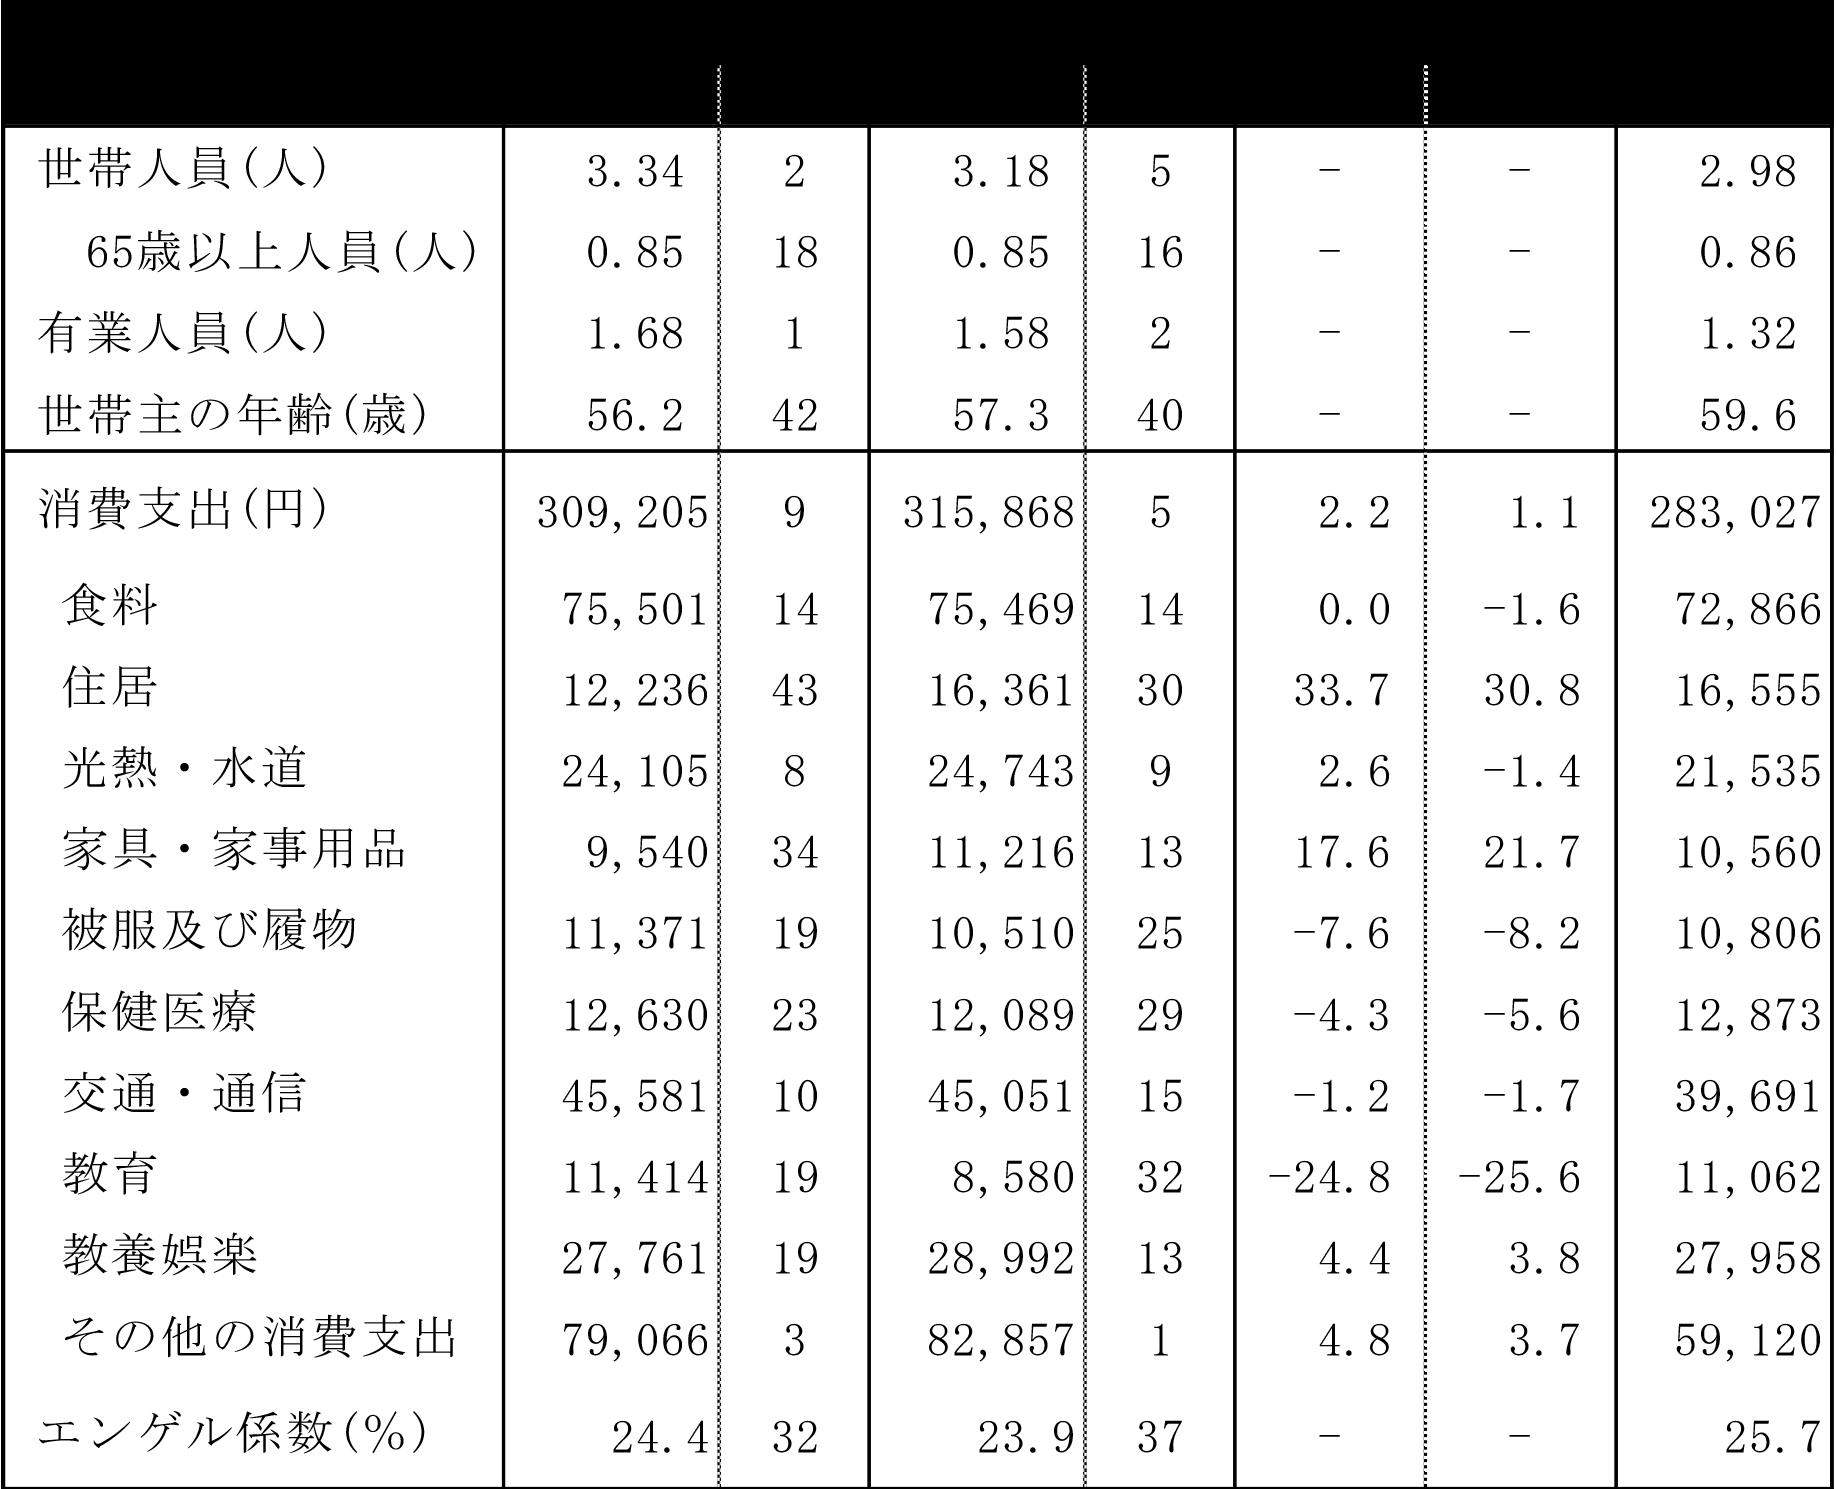 富山市の費目別消費支出2017